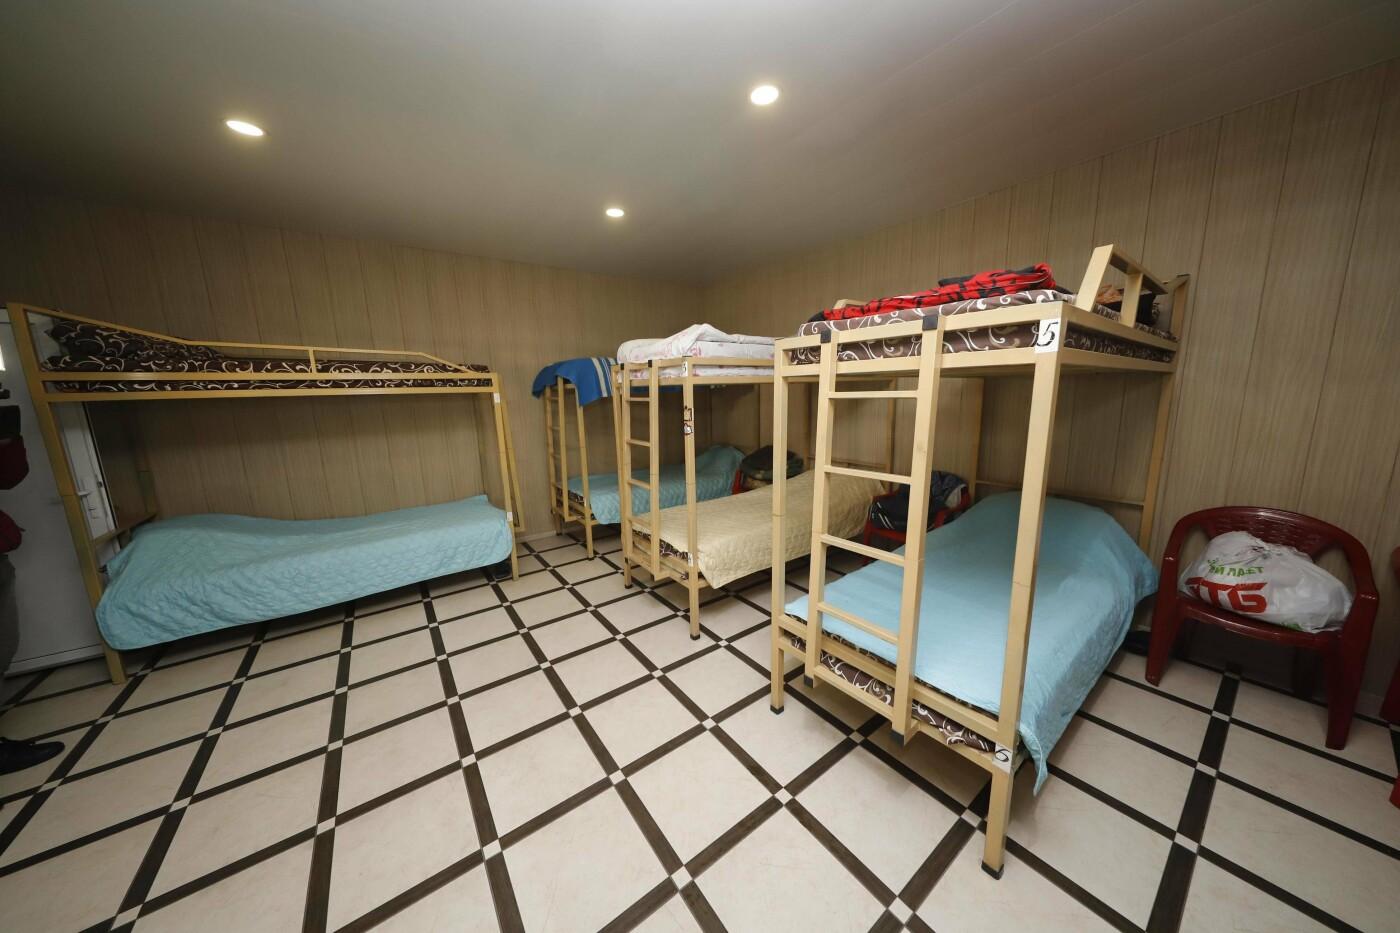 Общежитие для сотрудников транспортных предприятий, фото-1